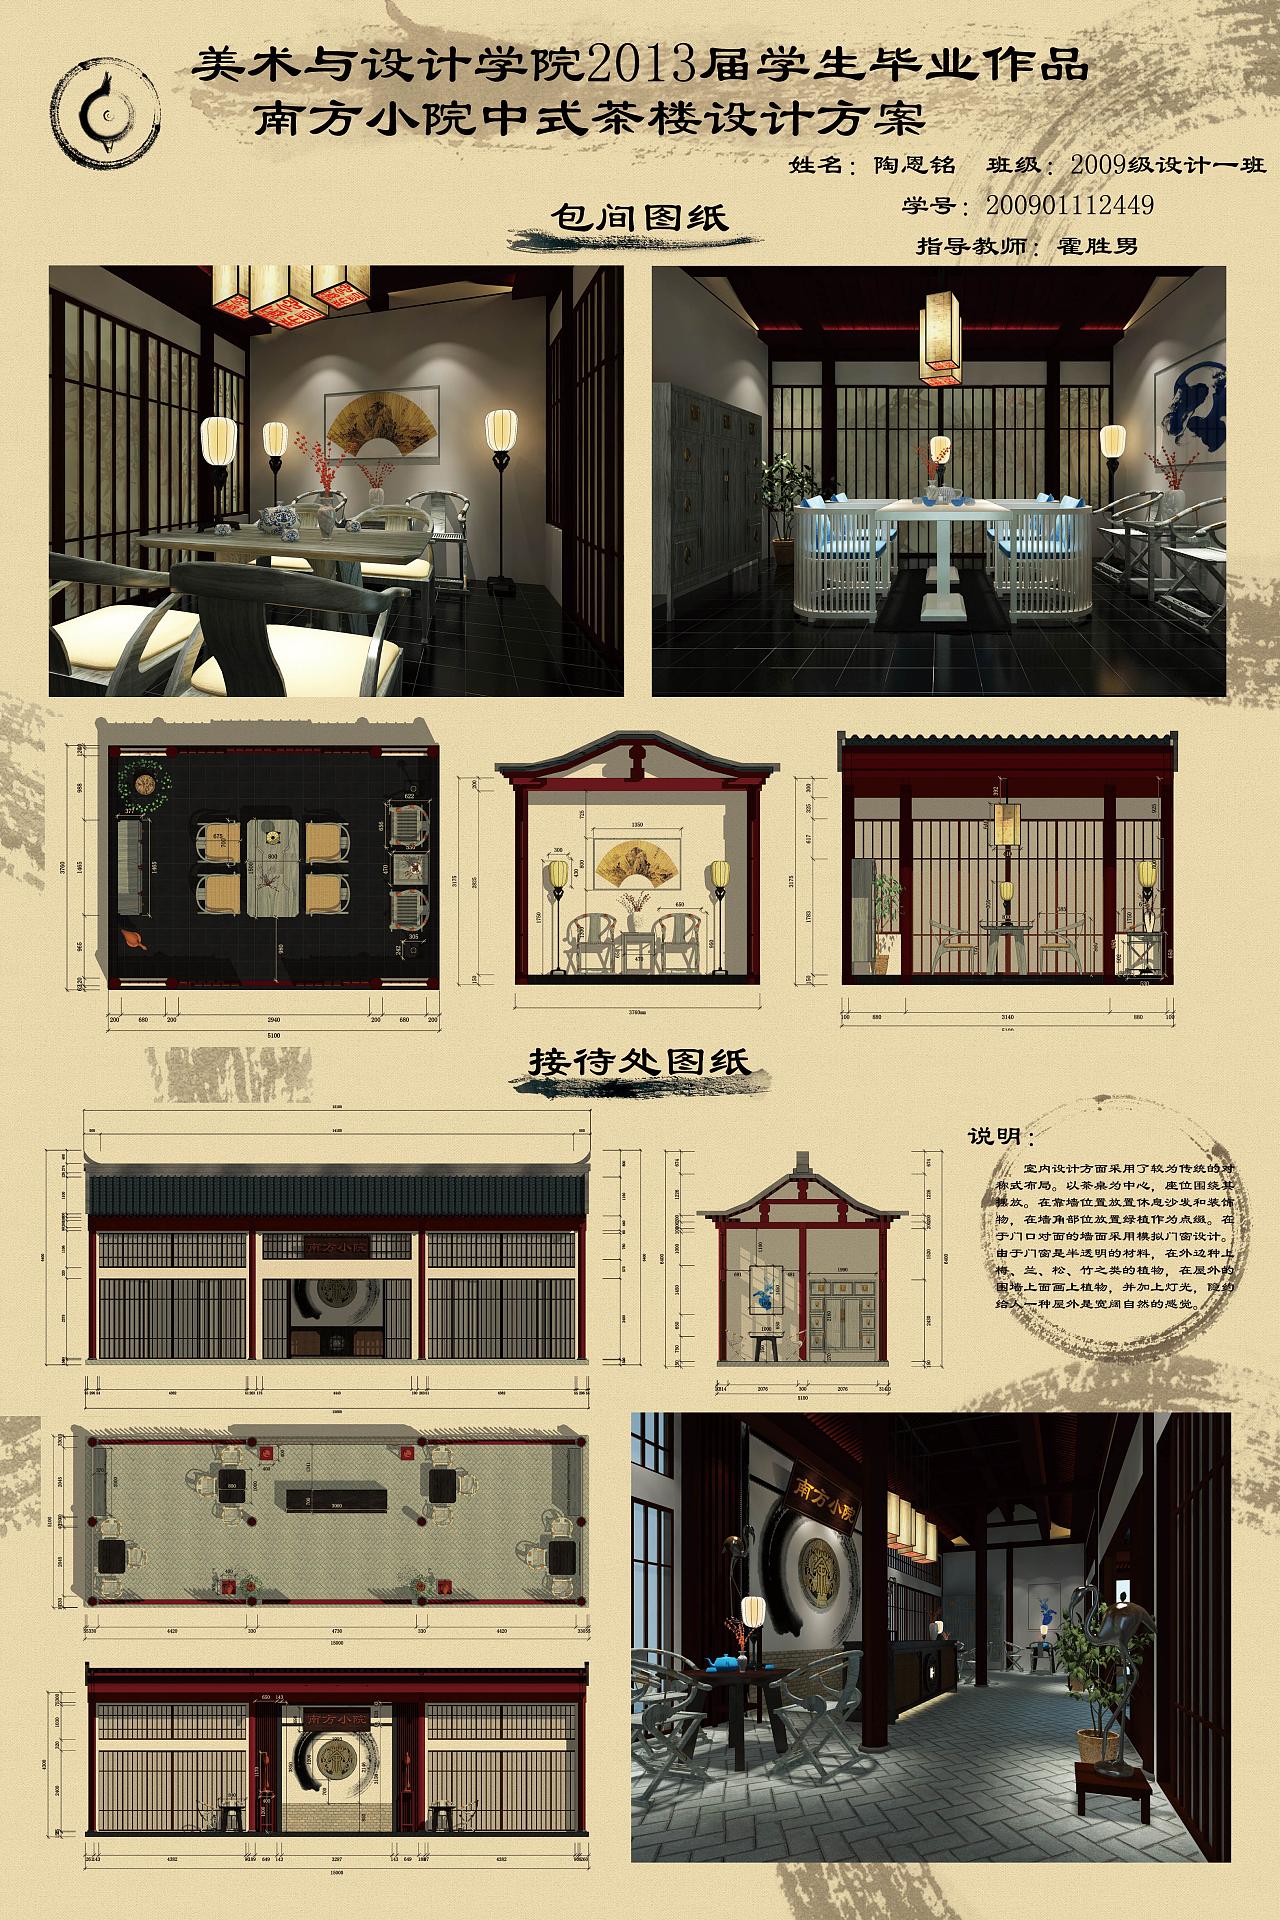 毕业设计--南方茶楼中式学校(室内篇)|空间|室内纽约建筑设计小院图片